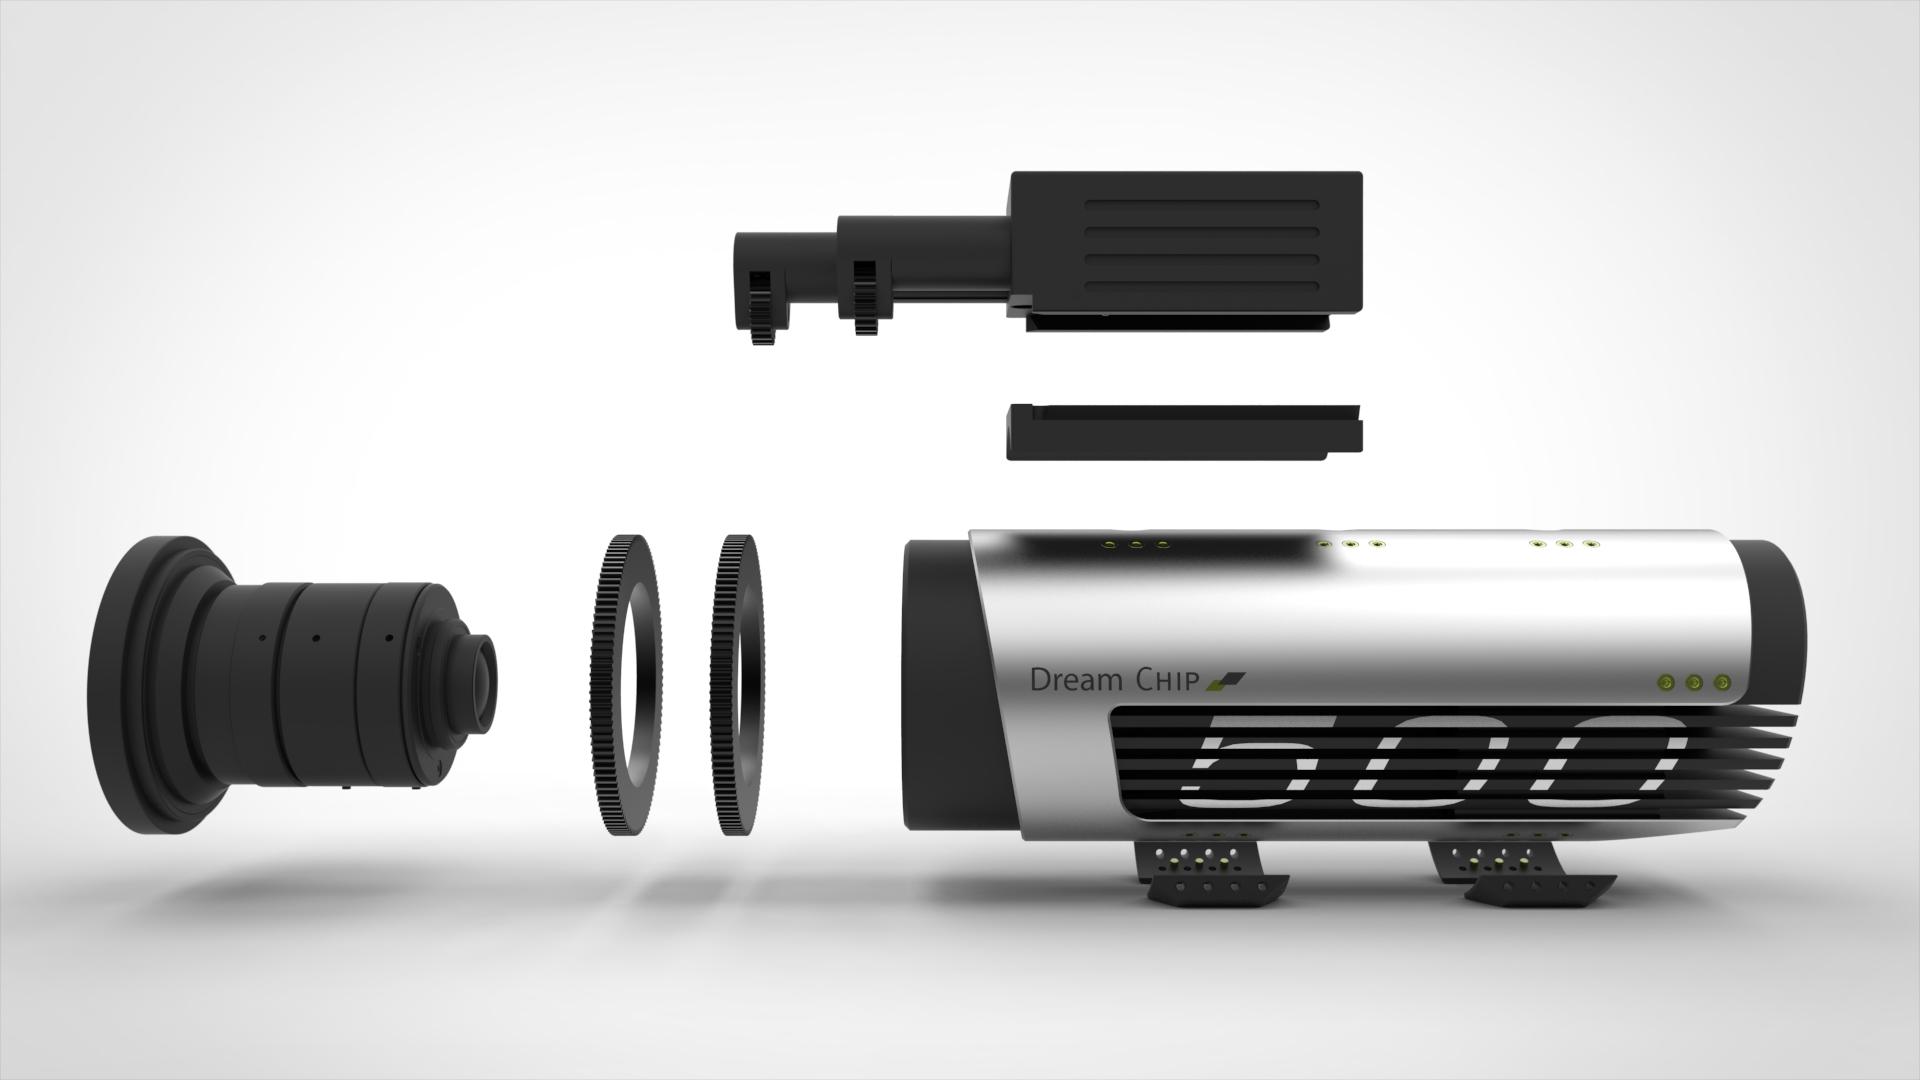 Dream Chip Technologies presenta la ATOM One SSM500, una cámara con cámara lenta a 500 fps